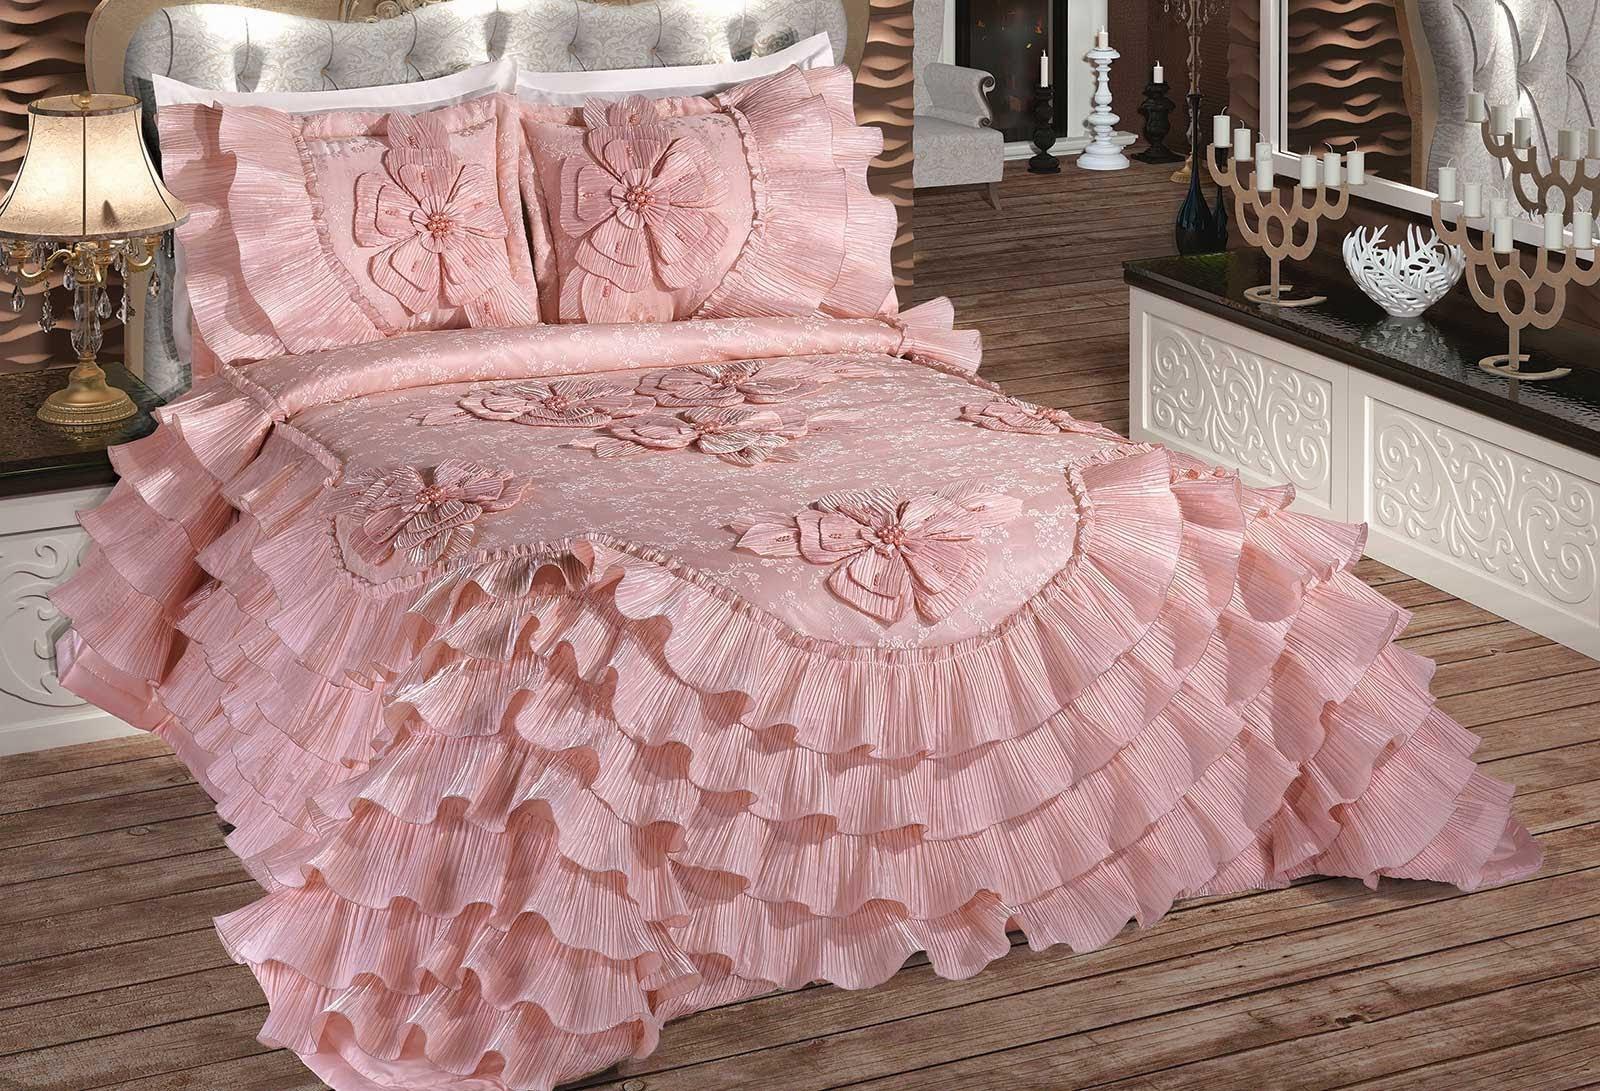 en güzel yatak örtüleri ve toptan yatak örtüsü fiyatları, ev tekstili ürünleri ve yatak örtüsü modelleri fiyat listesi.